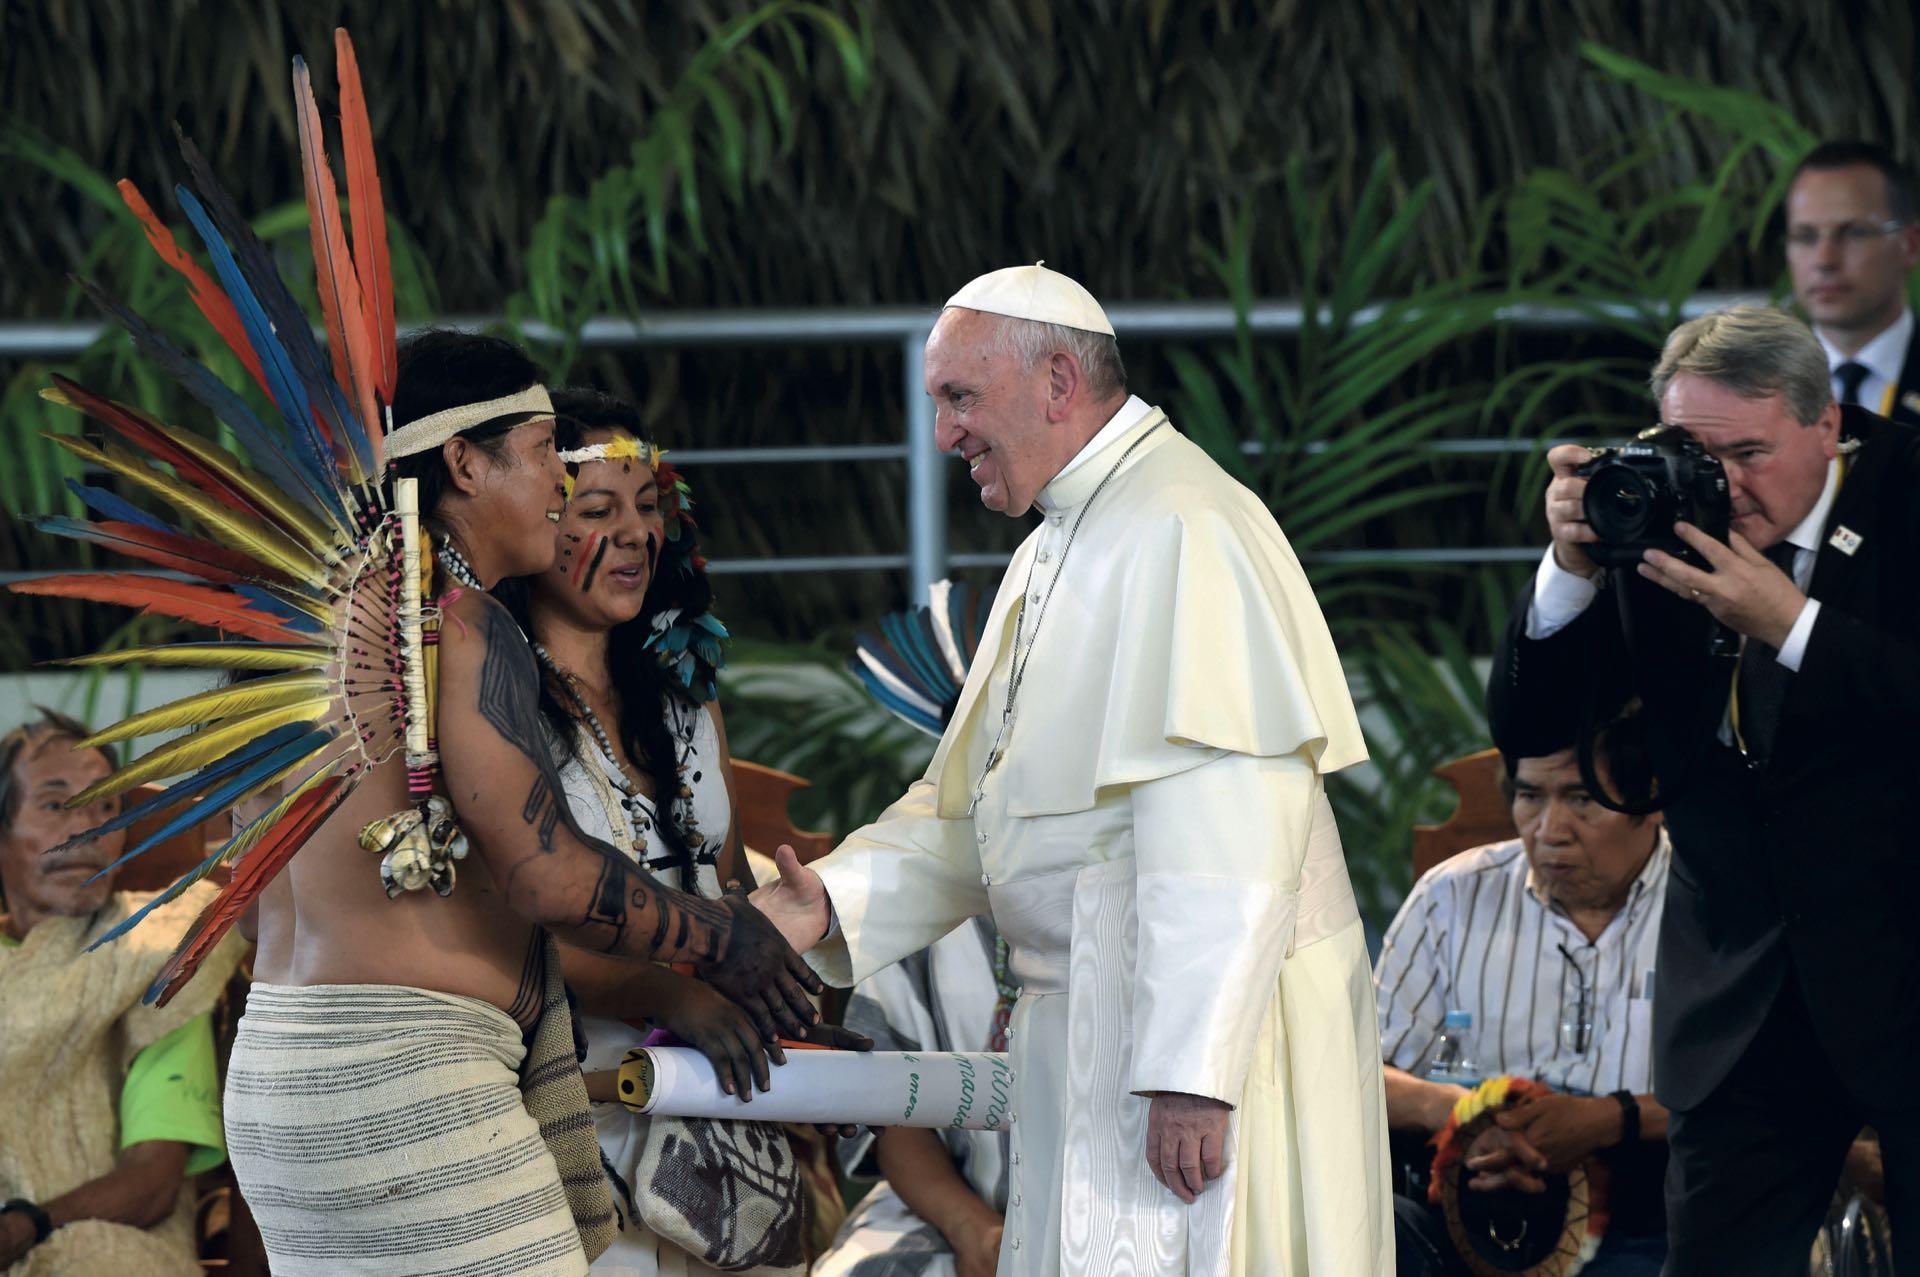 """Francisco inició la visita en Puerto Maldonado, la entrada al Amazonas peruano. """"La Amazonia, además de ser una reserva de la biodiversidad, es también una reserva cultural, que debe preservarse ante los nuevos colonialismos"""", sentenció ante los aborígenes."""